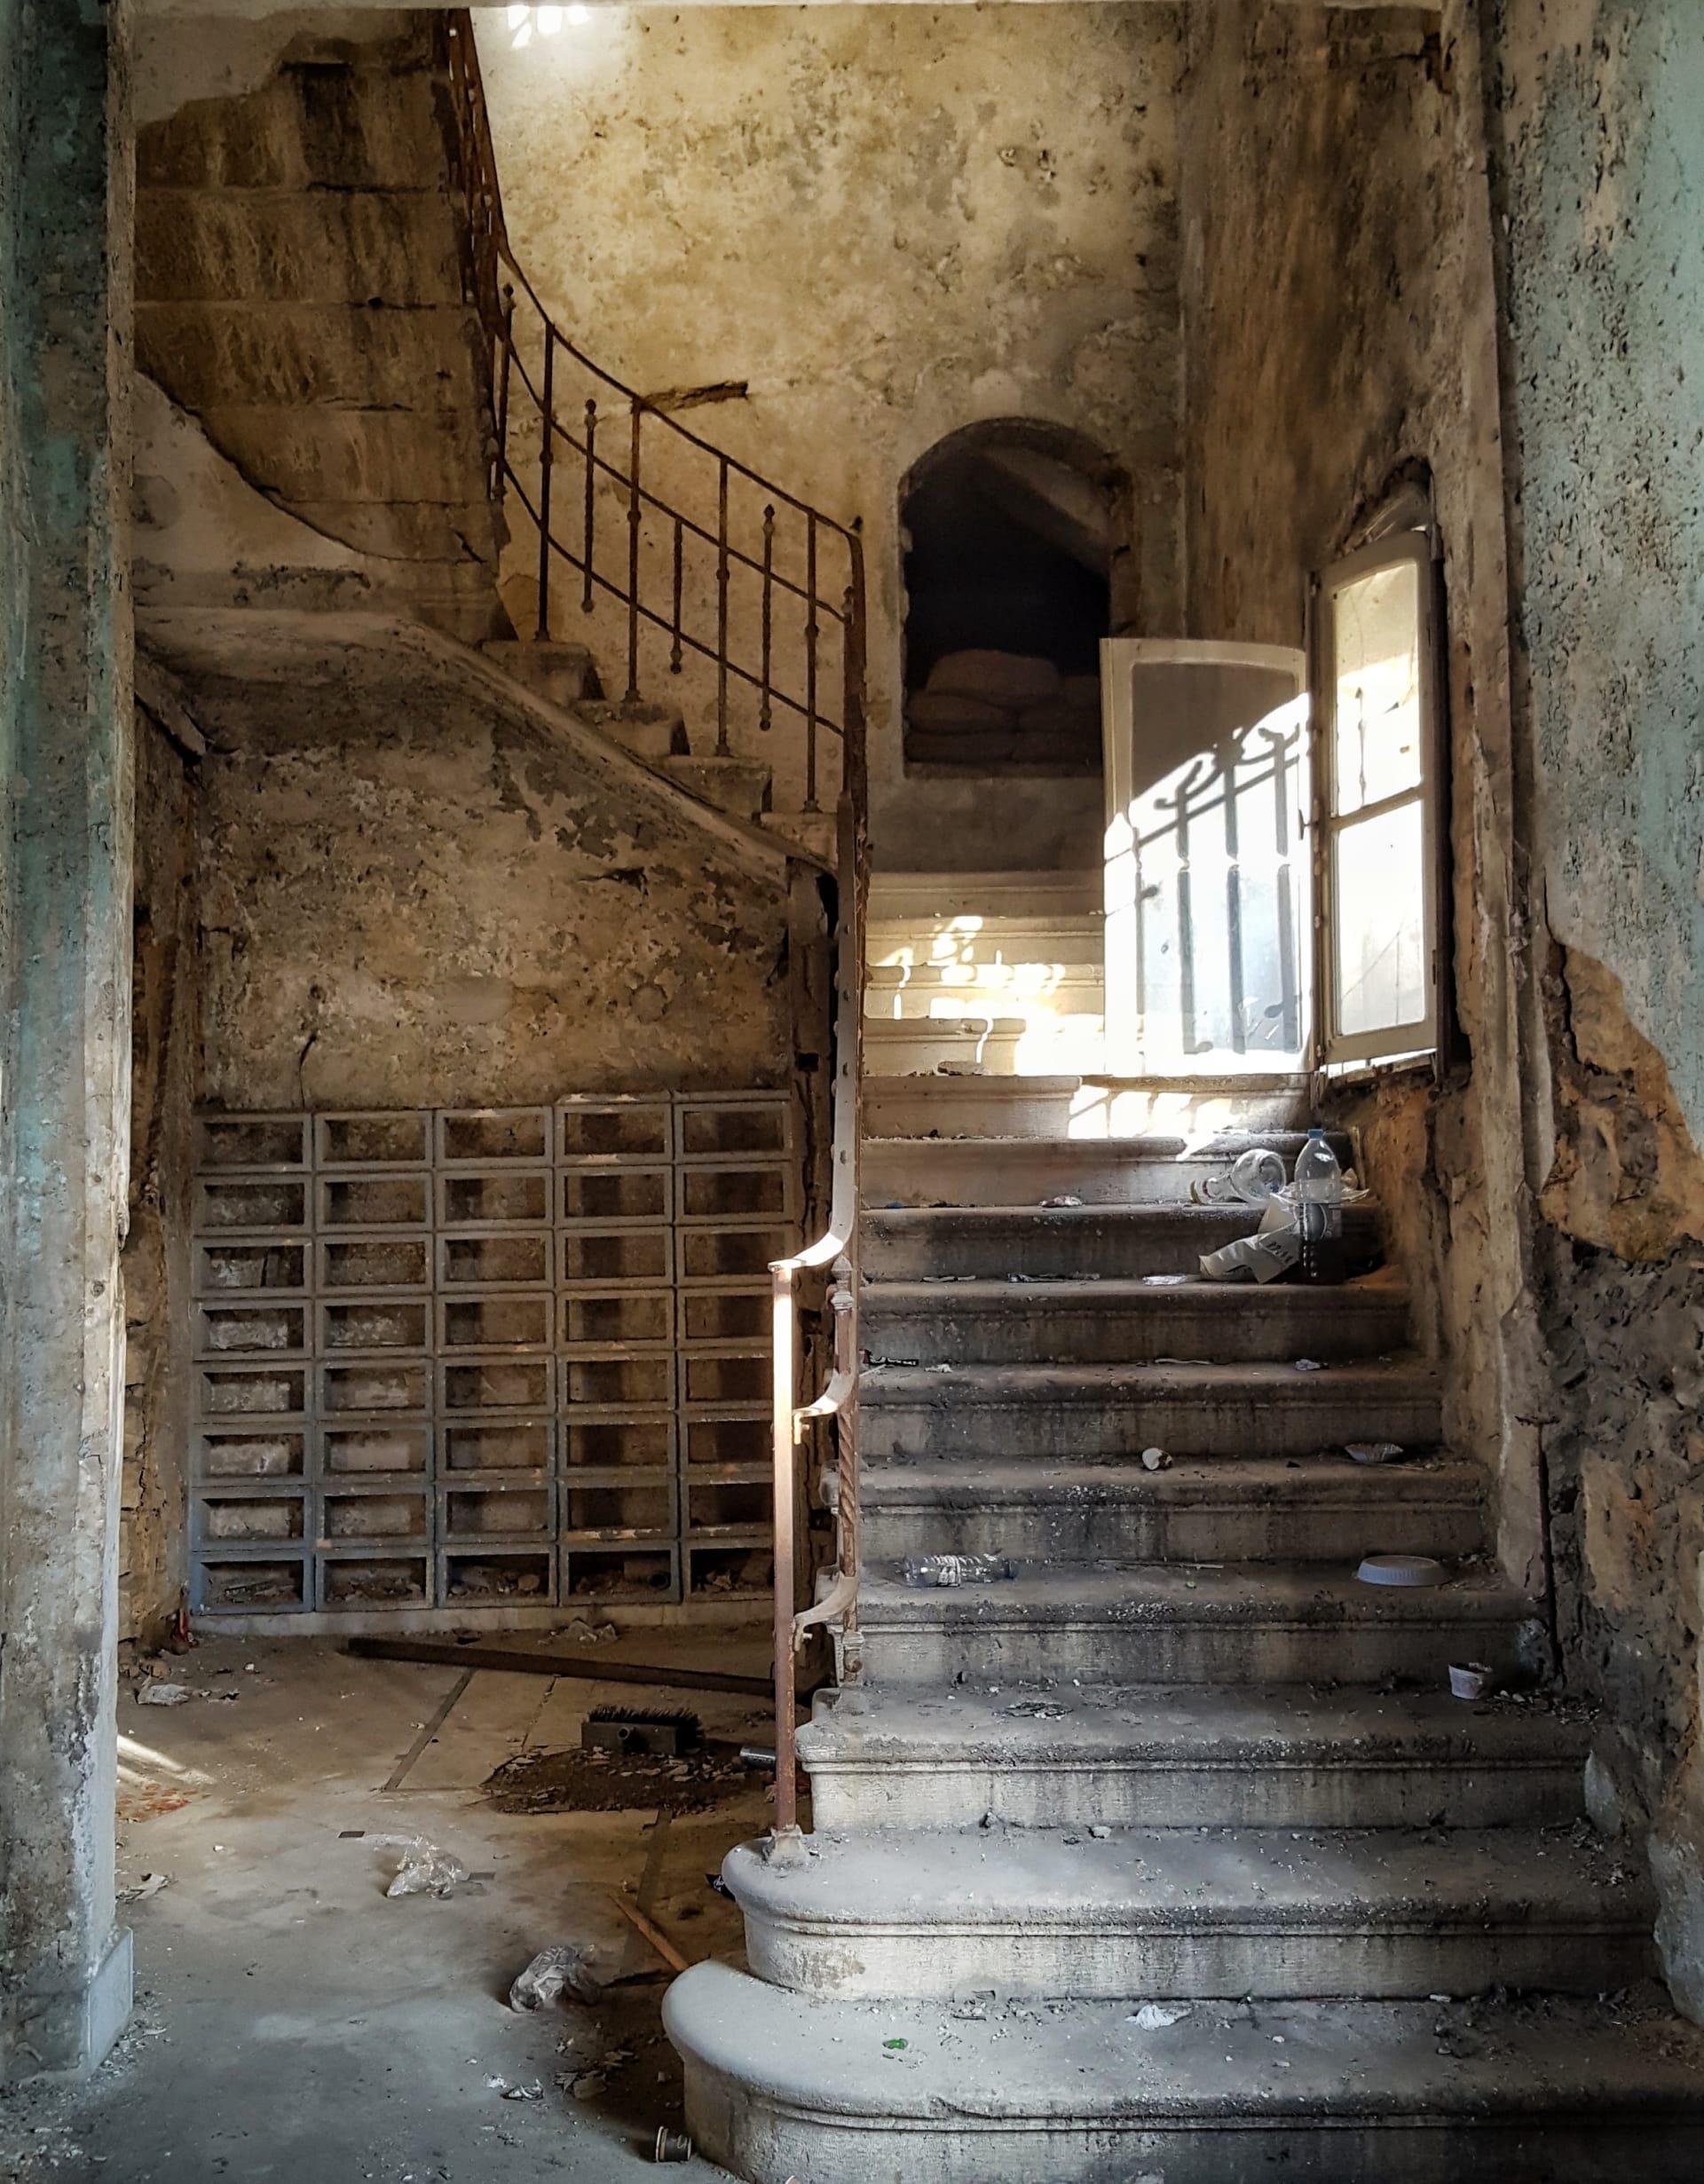 بين الحقيقة والخيال.. إليك ما في داخل هذه البيوت المهجورة في لبنان